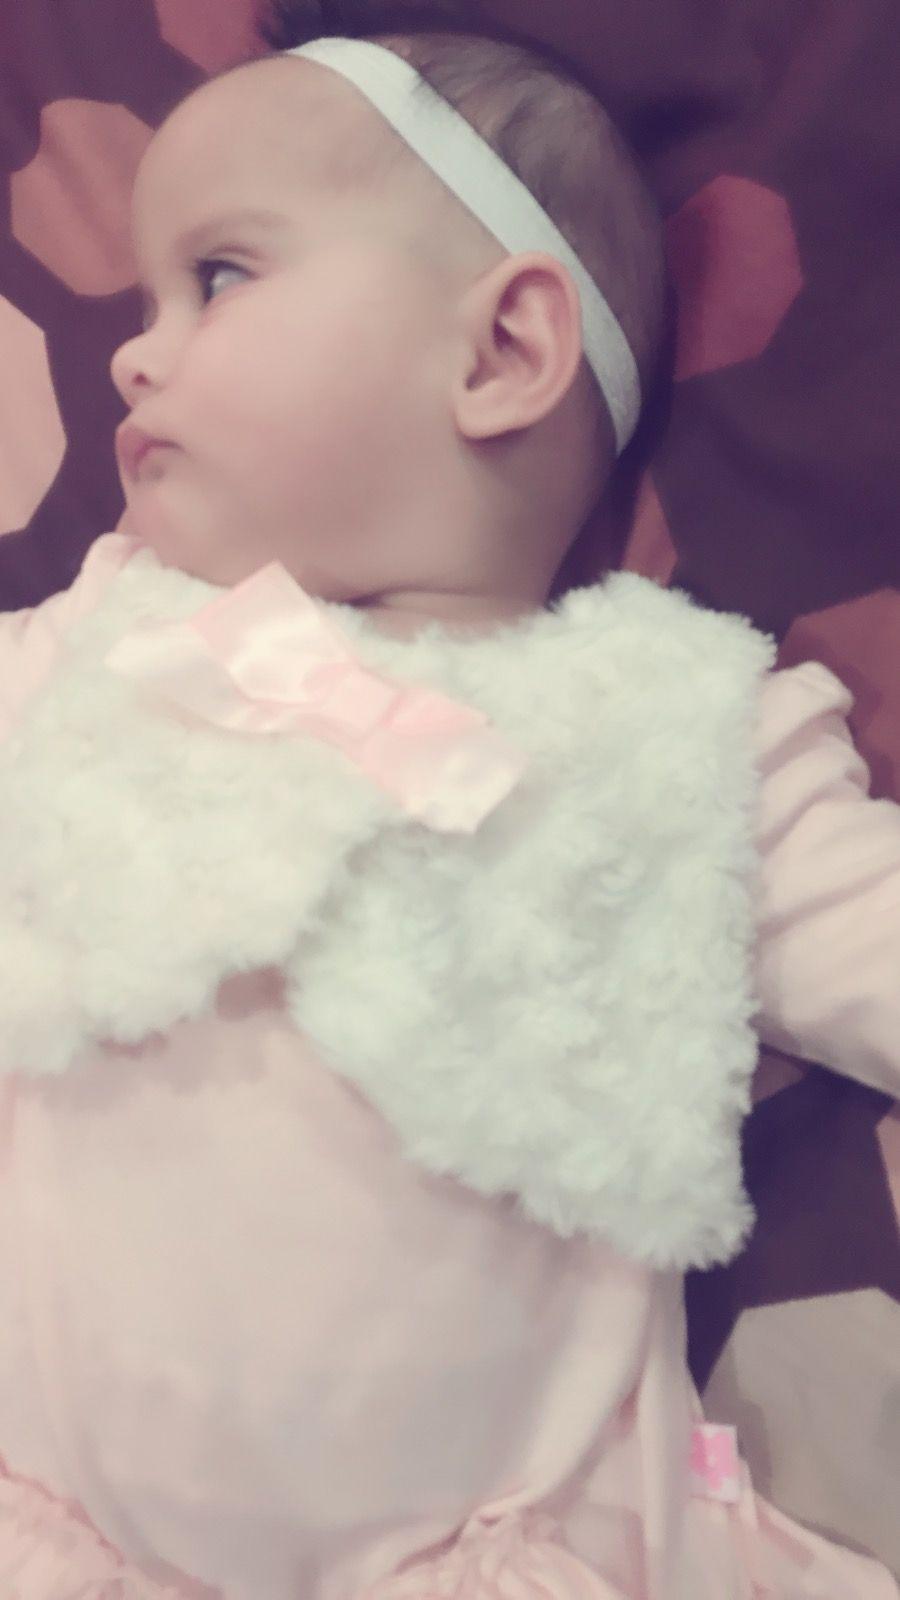 Cute Baby Cute Muslim Baby Pinterest